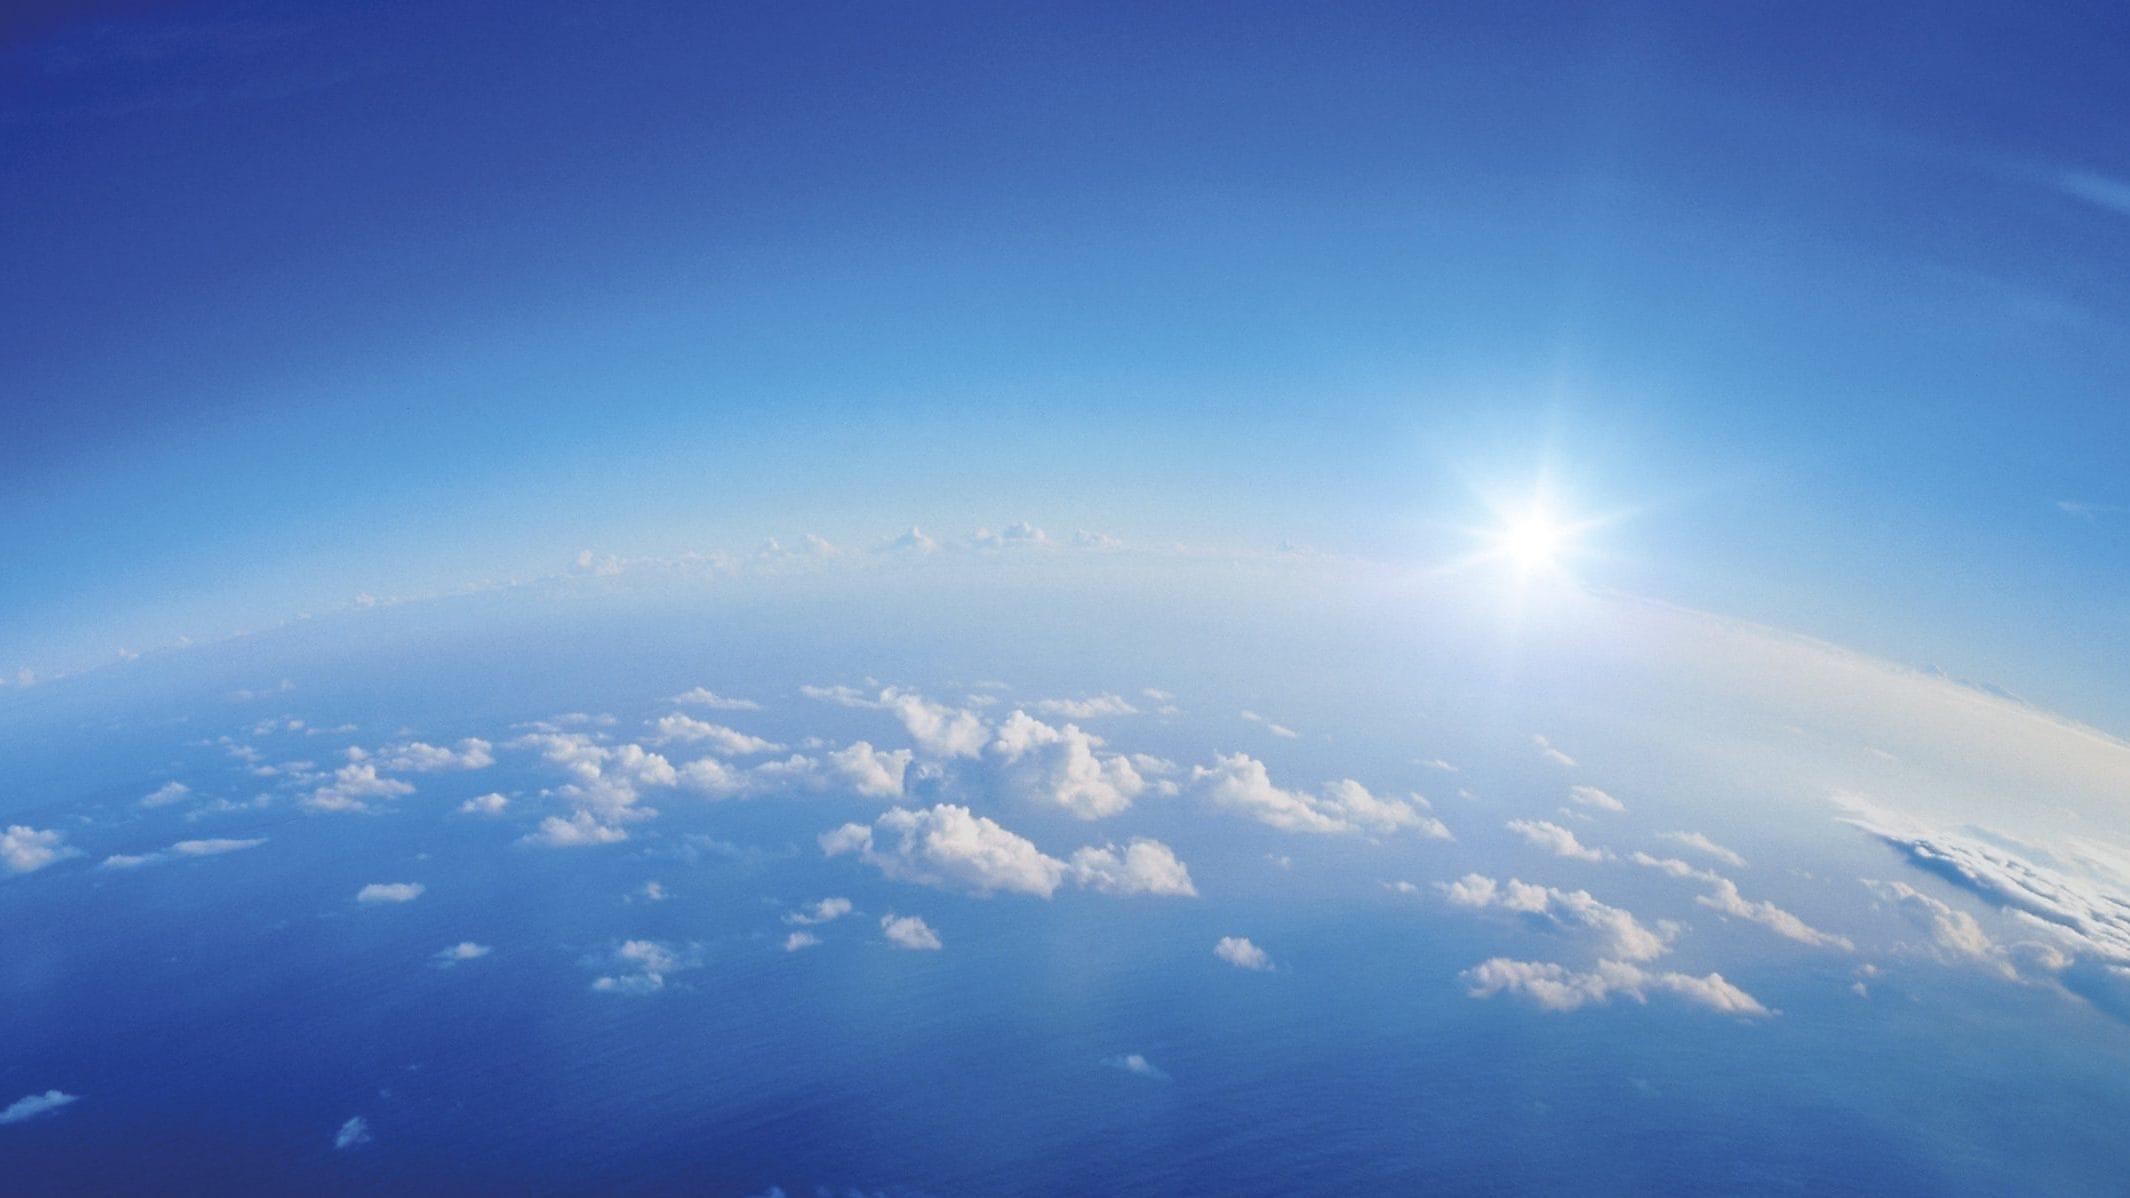 السماء الصافية